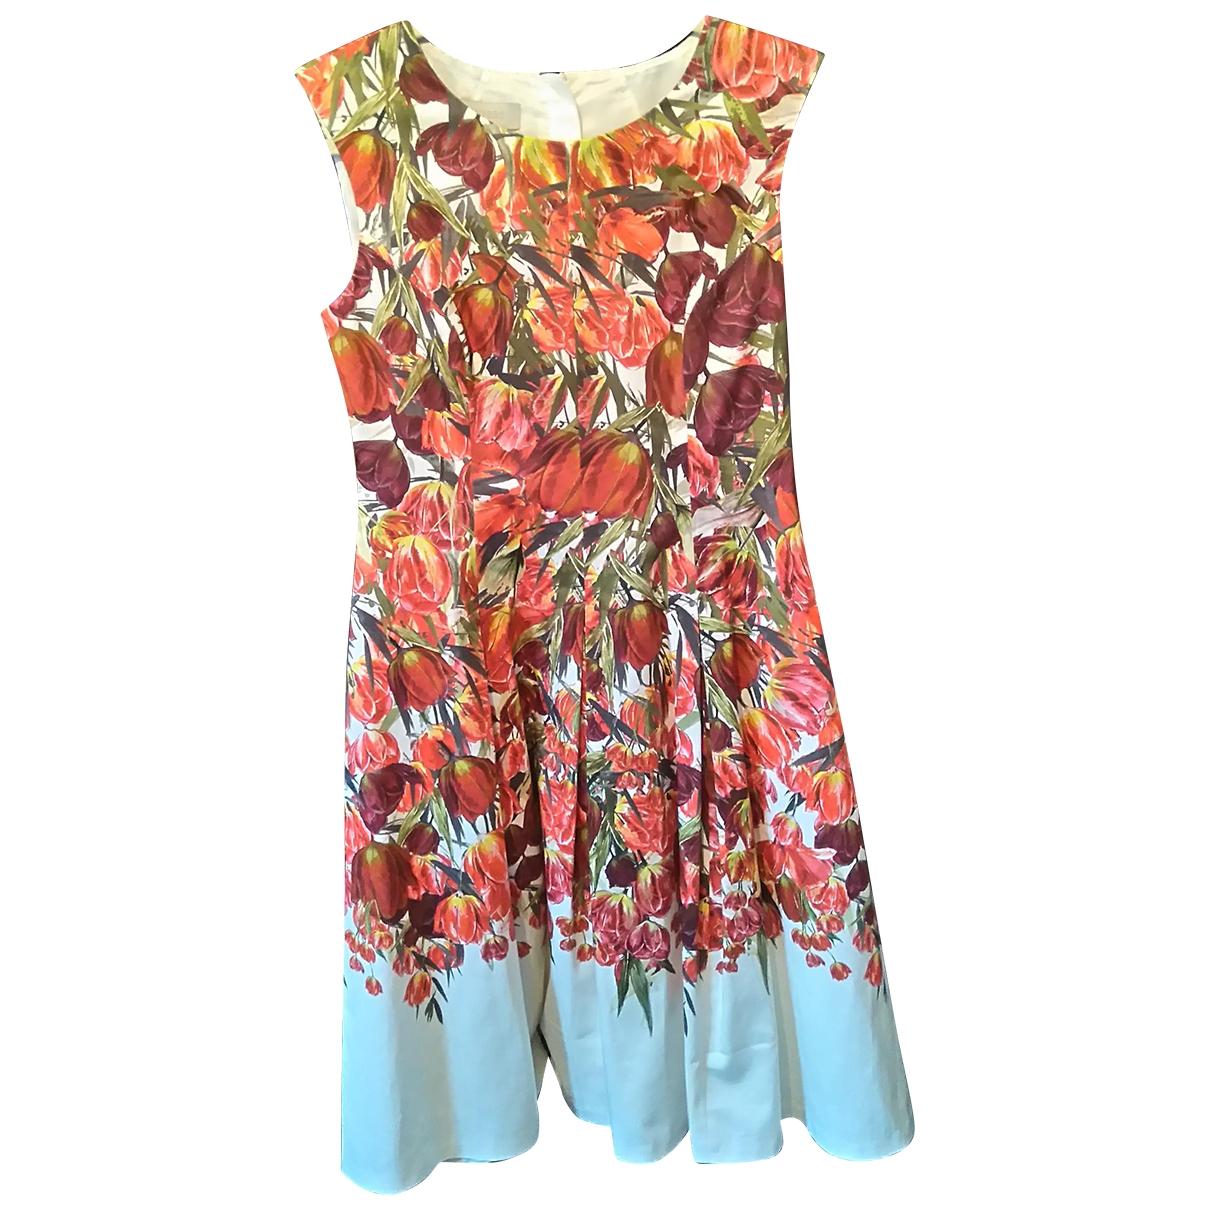 Hobbs \N Kleid in  Rot Baumwolle - Elasthan